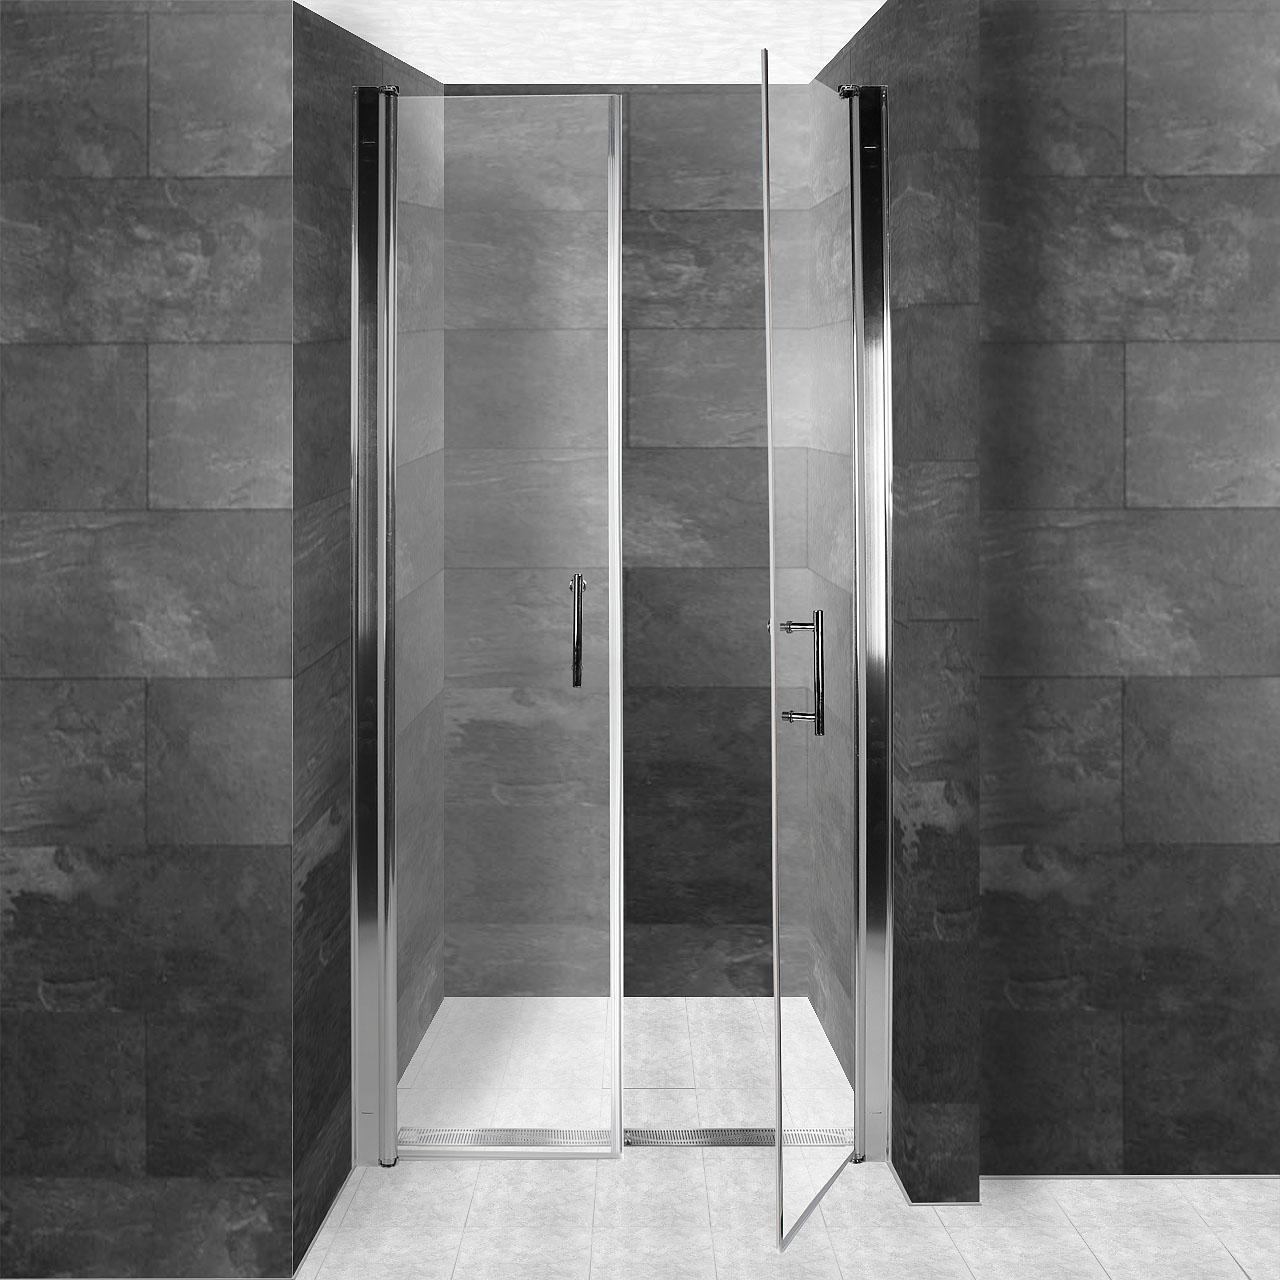 luxus duschabtrennung duschwand duscht r nischent r dusche alurahmen nanoschicht ebay. Black Bedroom Furniture Sets. Home Design Ideas